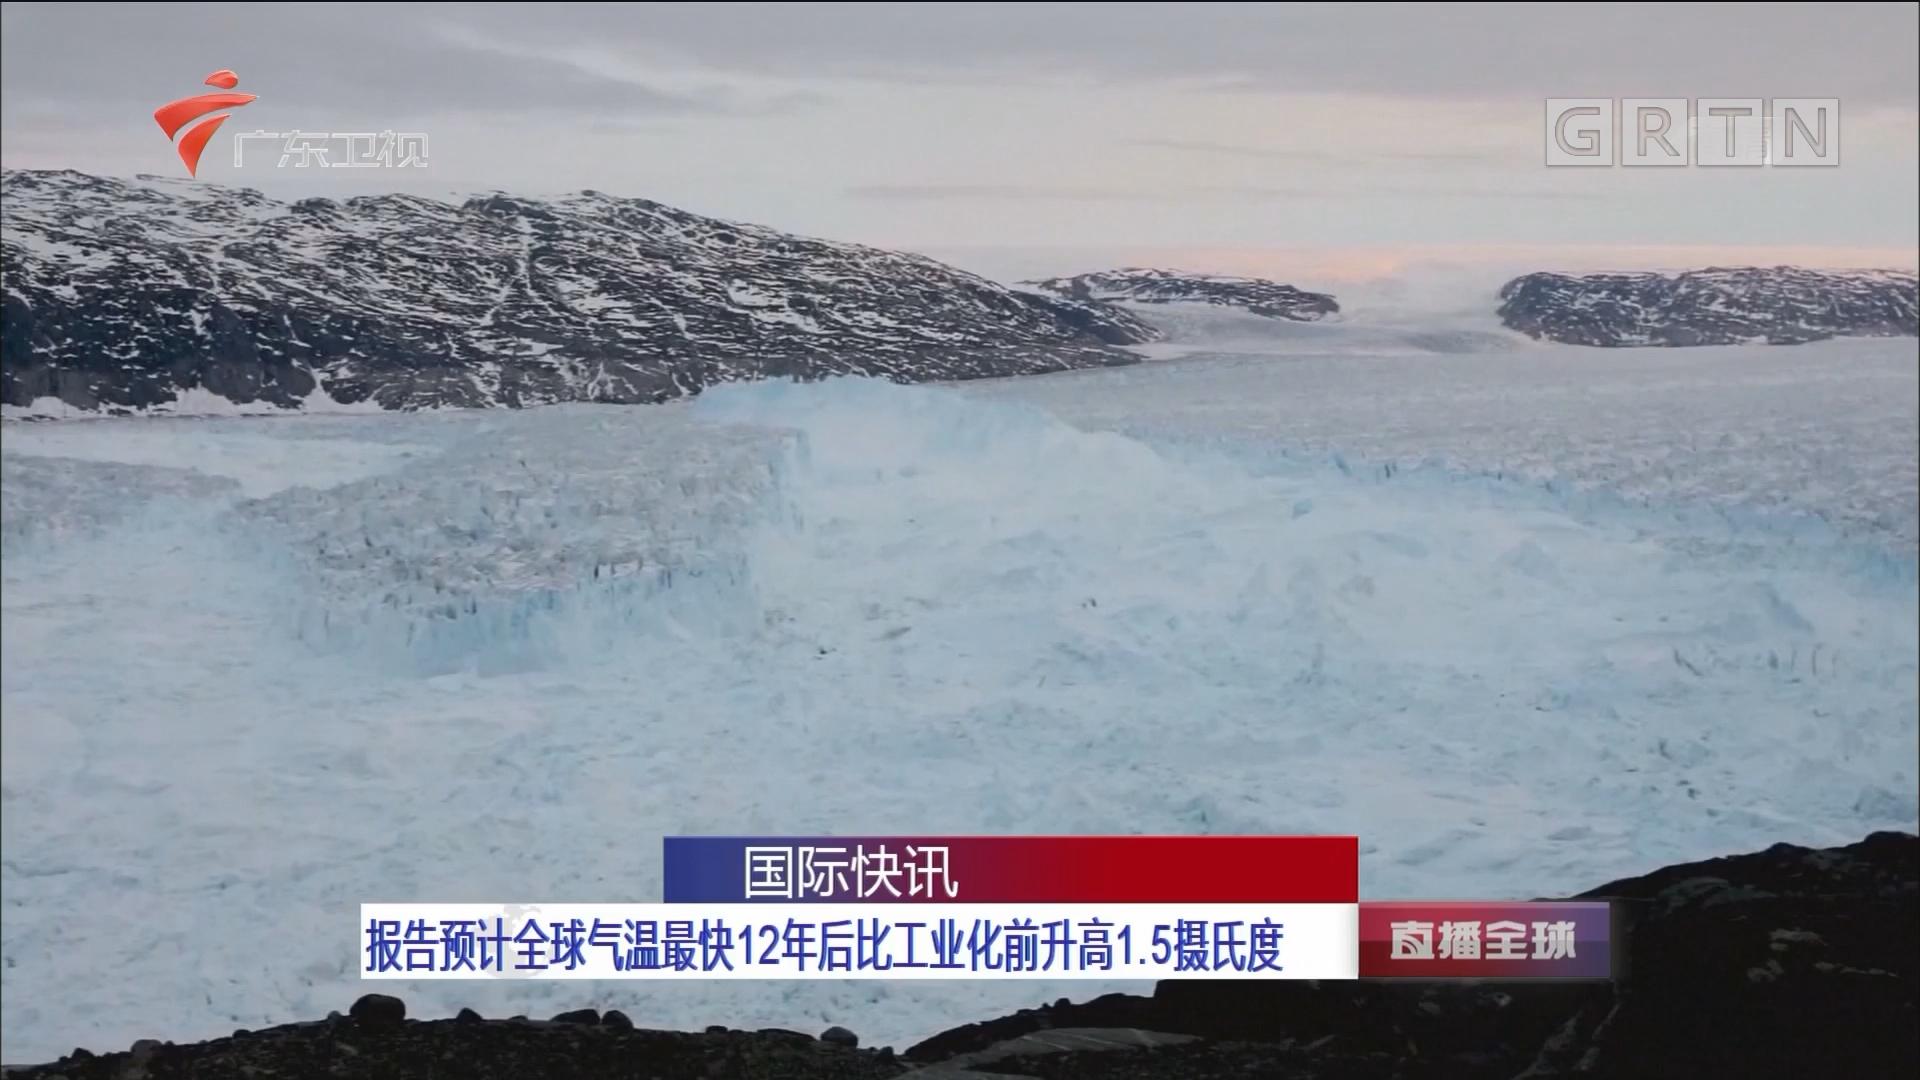 报告预计全球气温最快12年后比工业化前升高1.5摄氏度